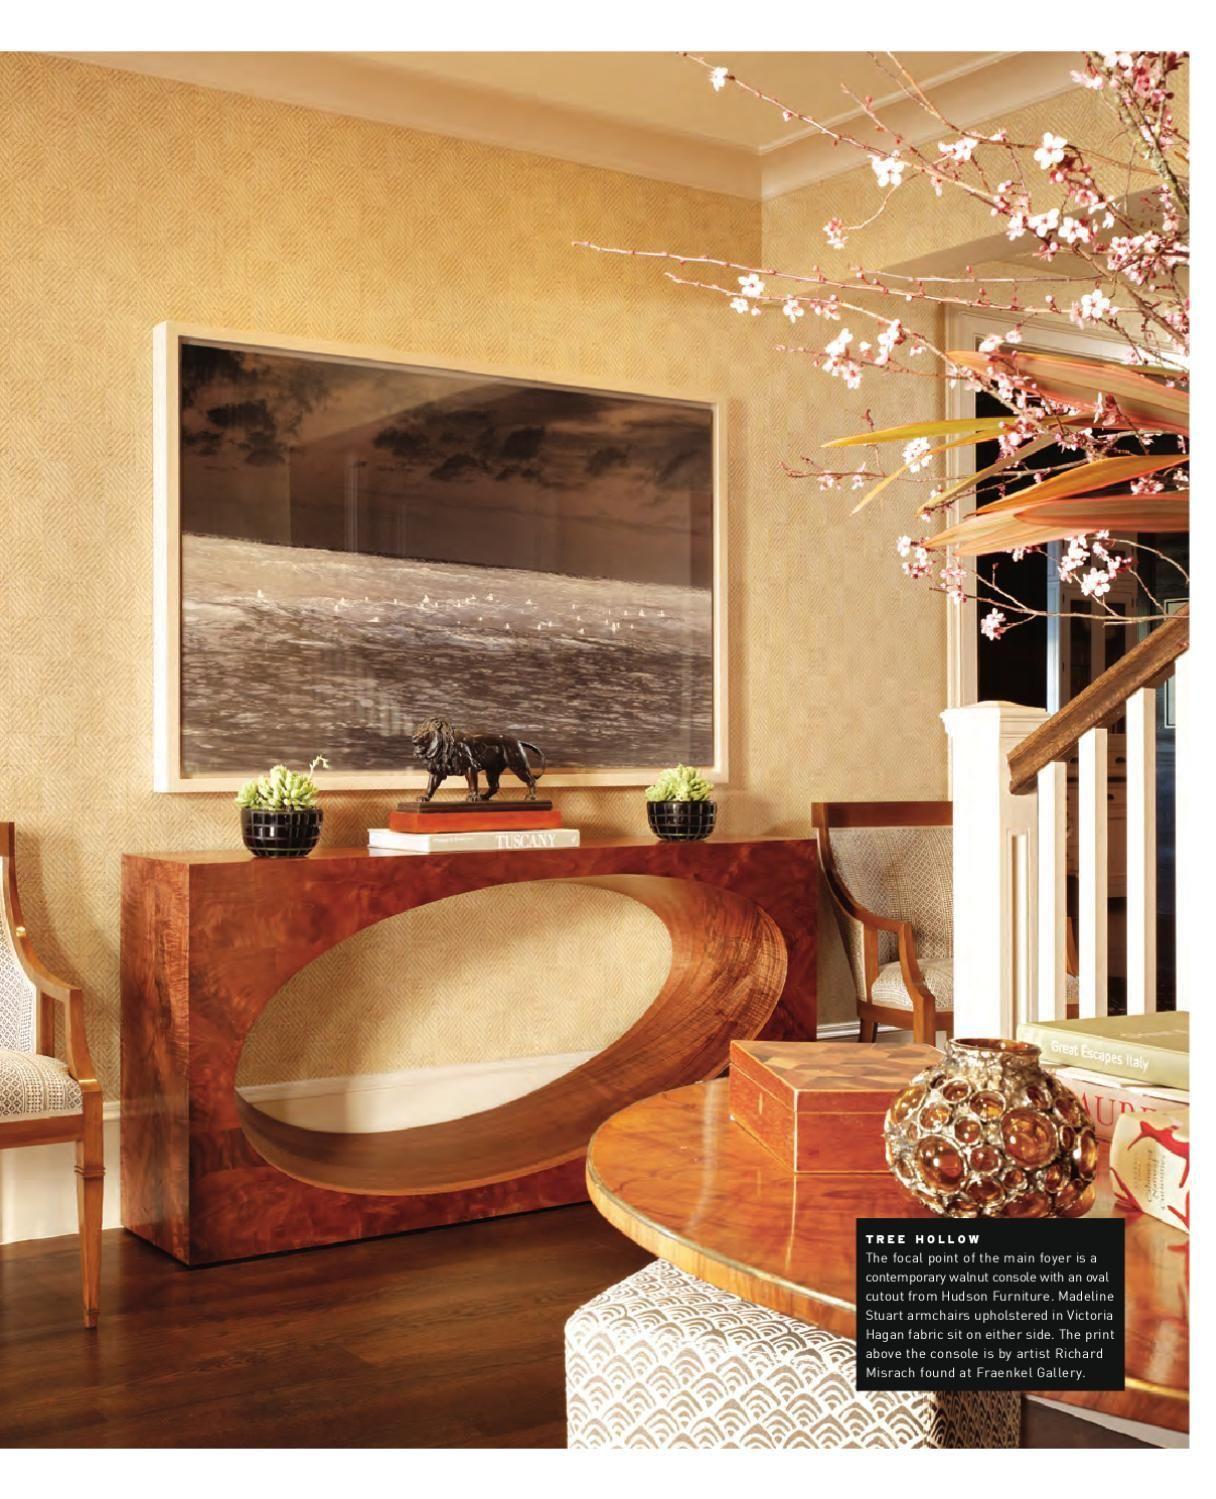 Luxe Interiors Design National 10 Interior Design Interior